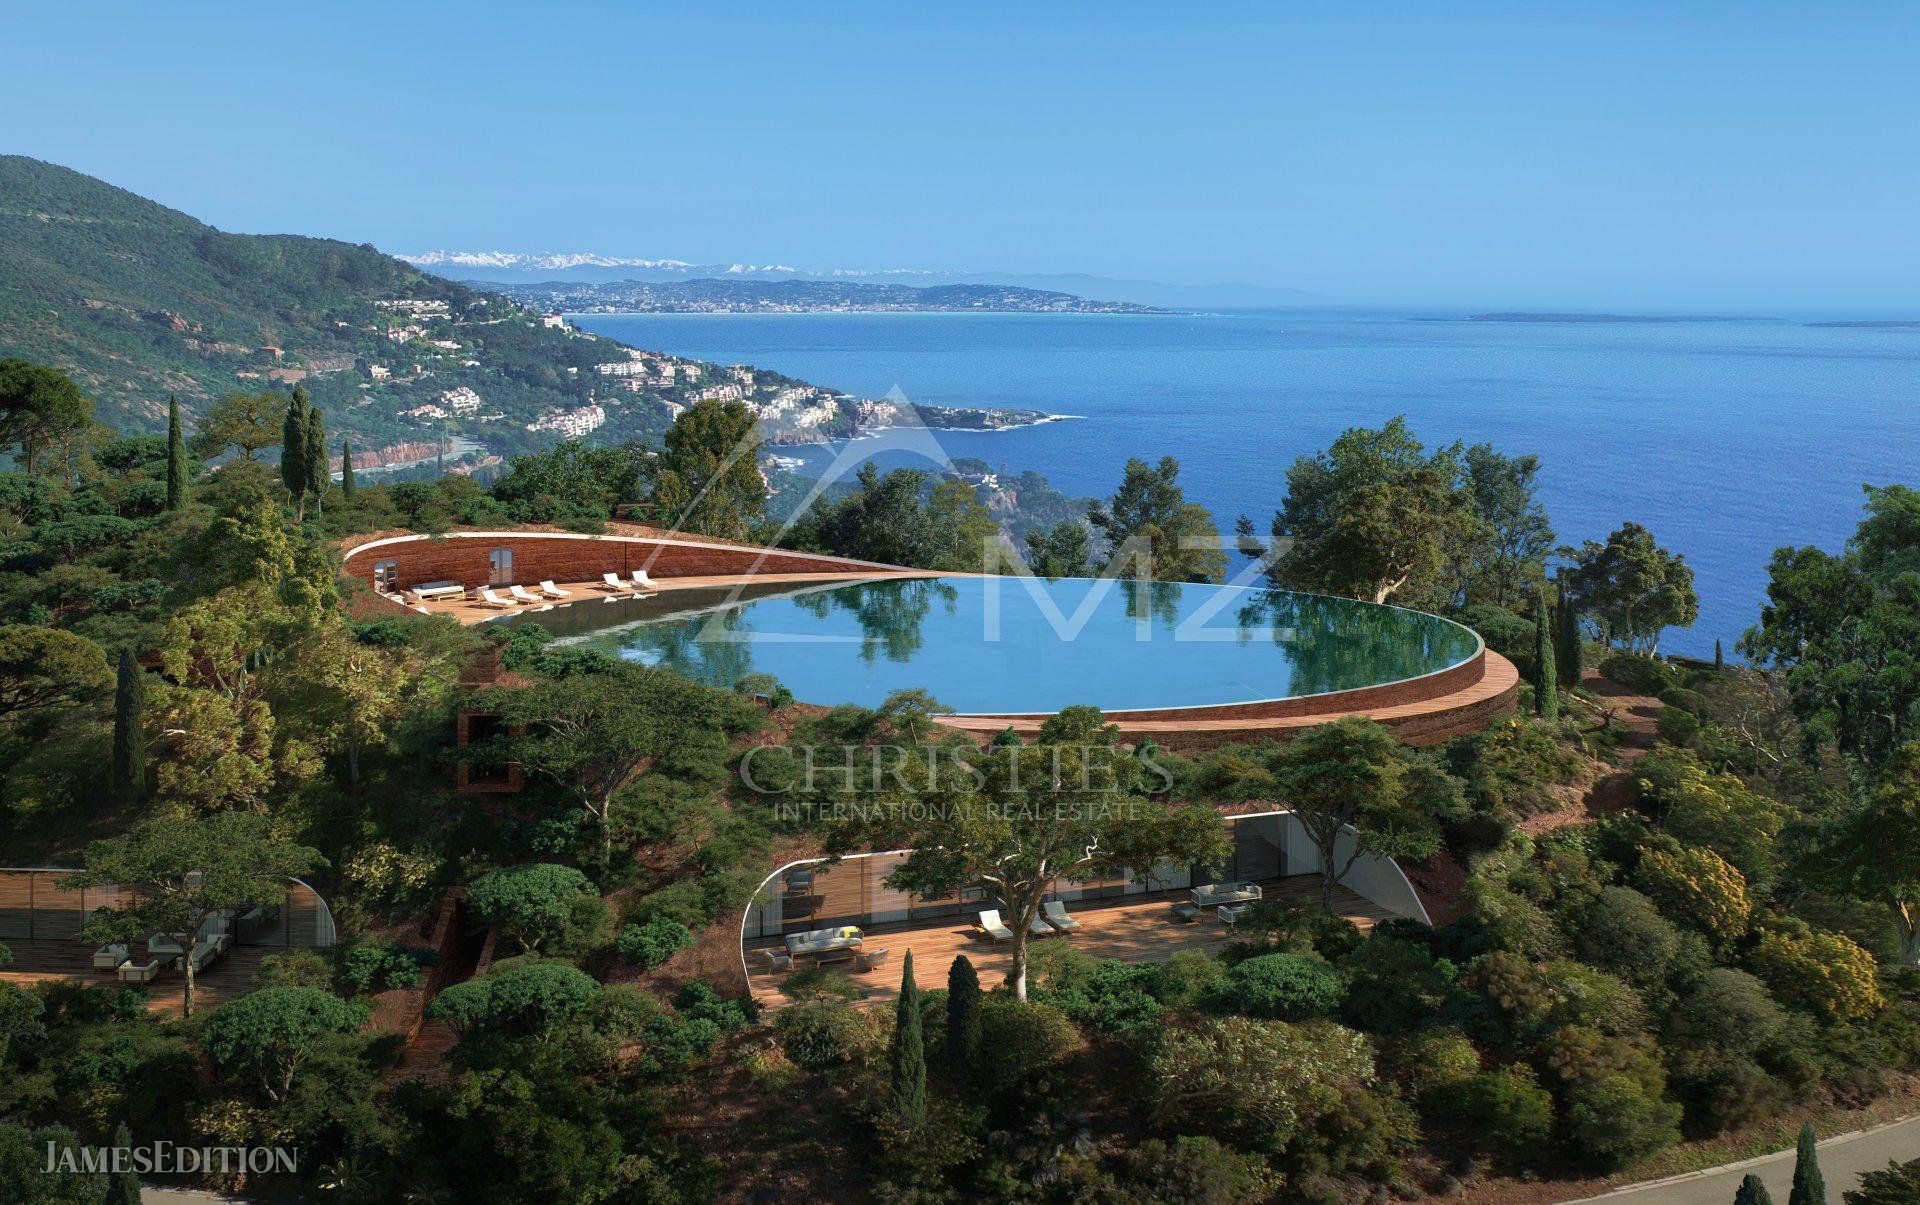 Théoule-sur-Mer, Provence-Alpes-Côte d'Azur, France 1